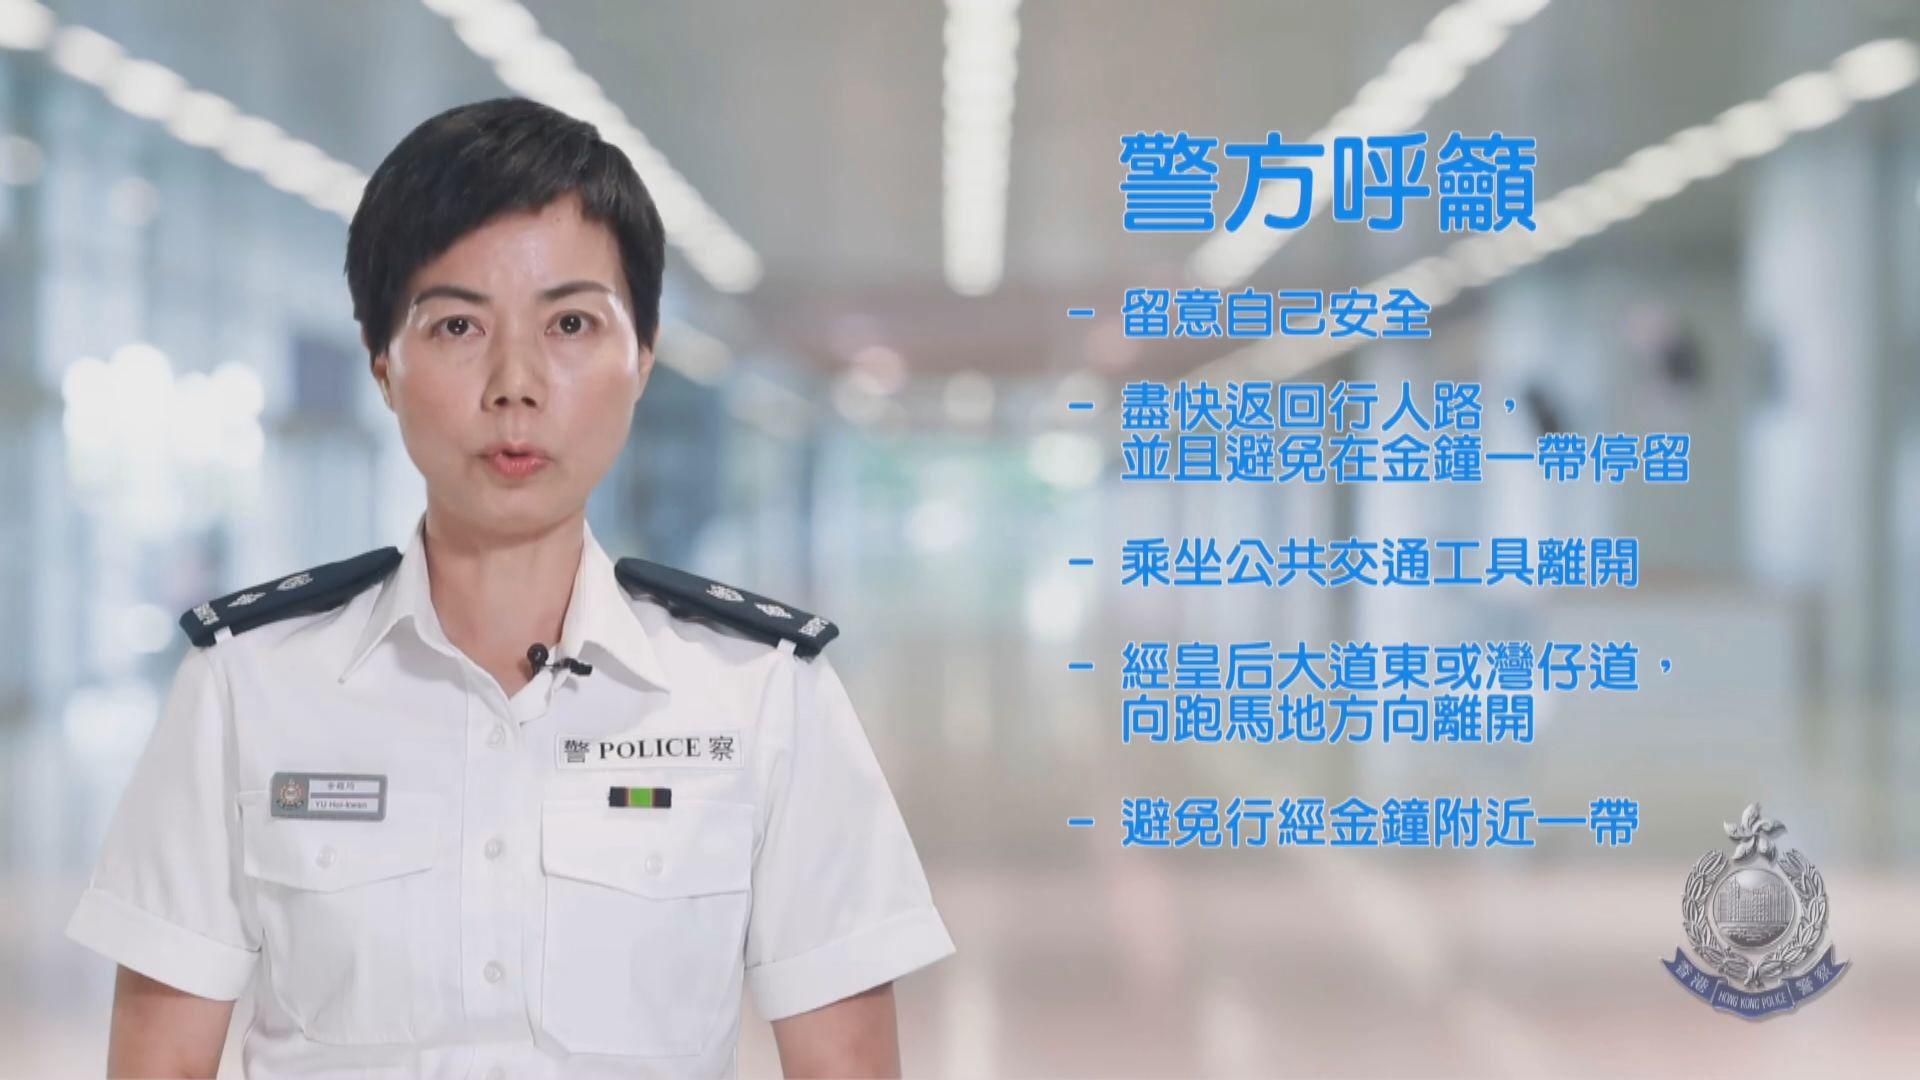 【民陣遊行】警方呼籲示威者盡快離開